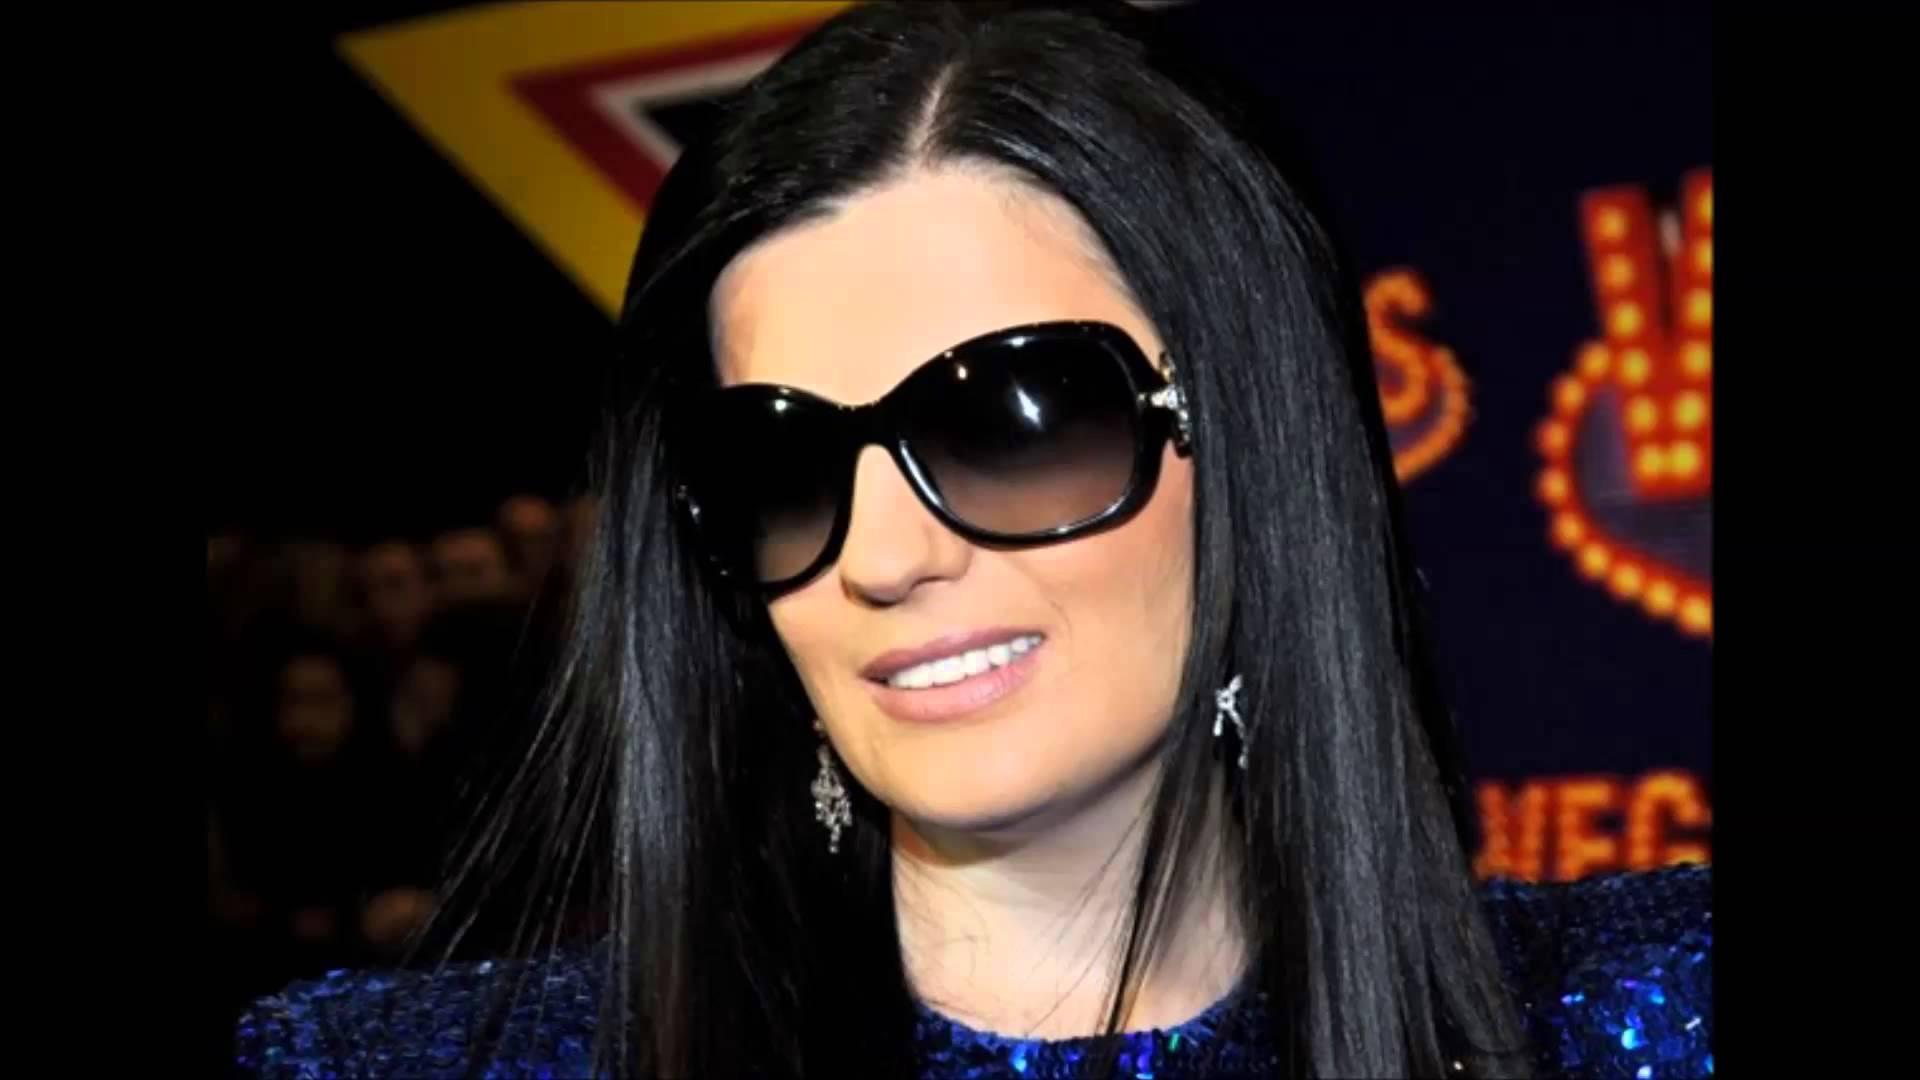 Гурцкая сказала о манипуляциях голосами на«Евровидении-2017»